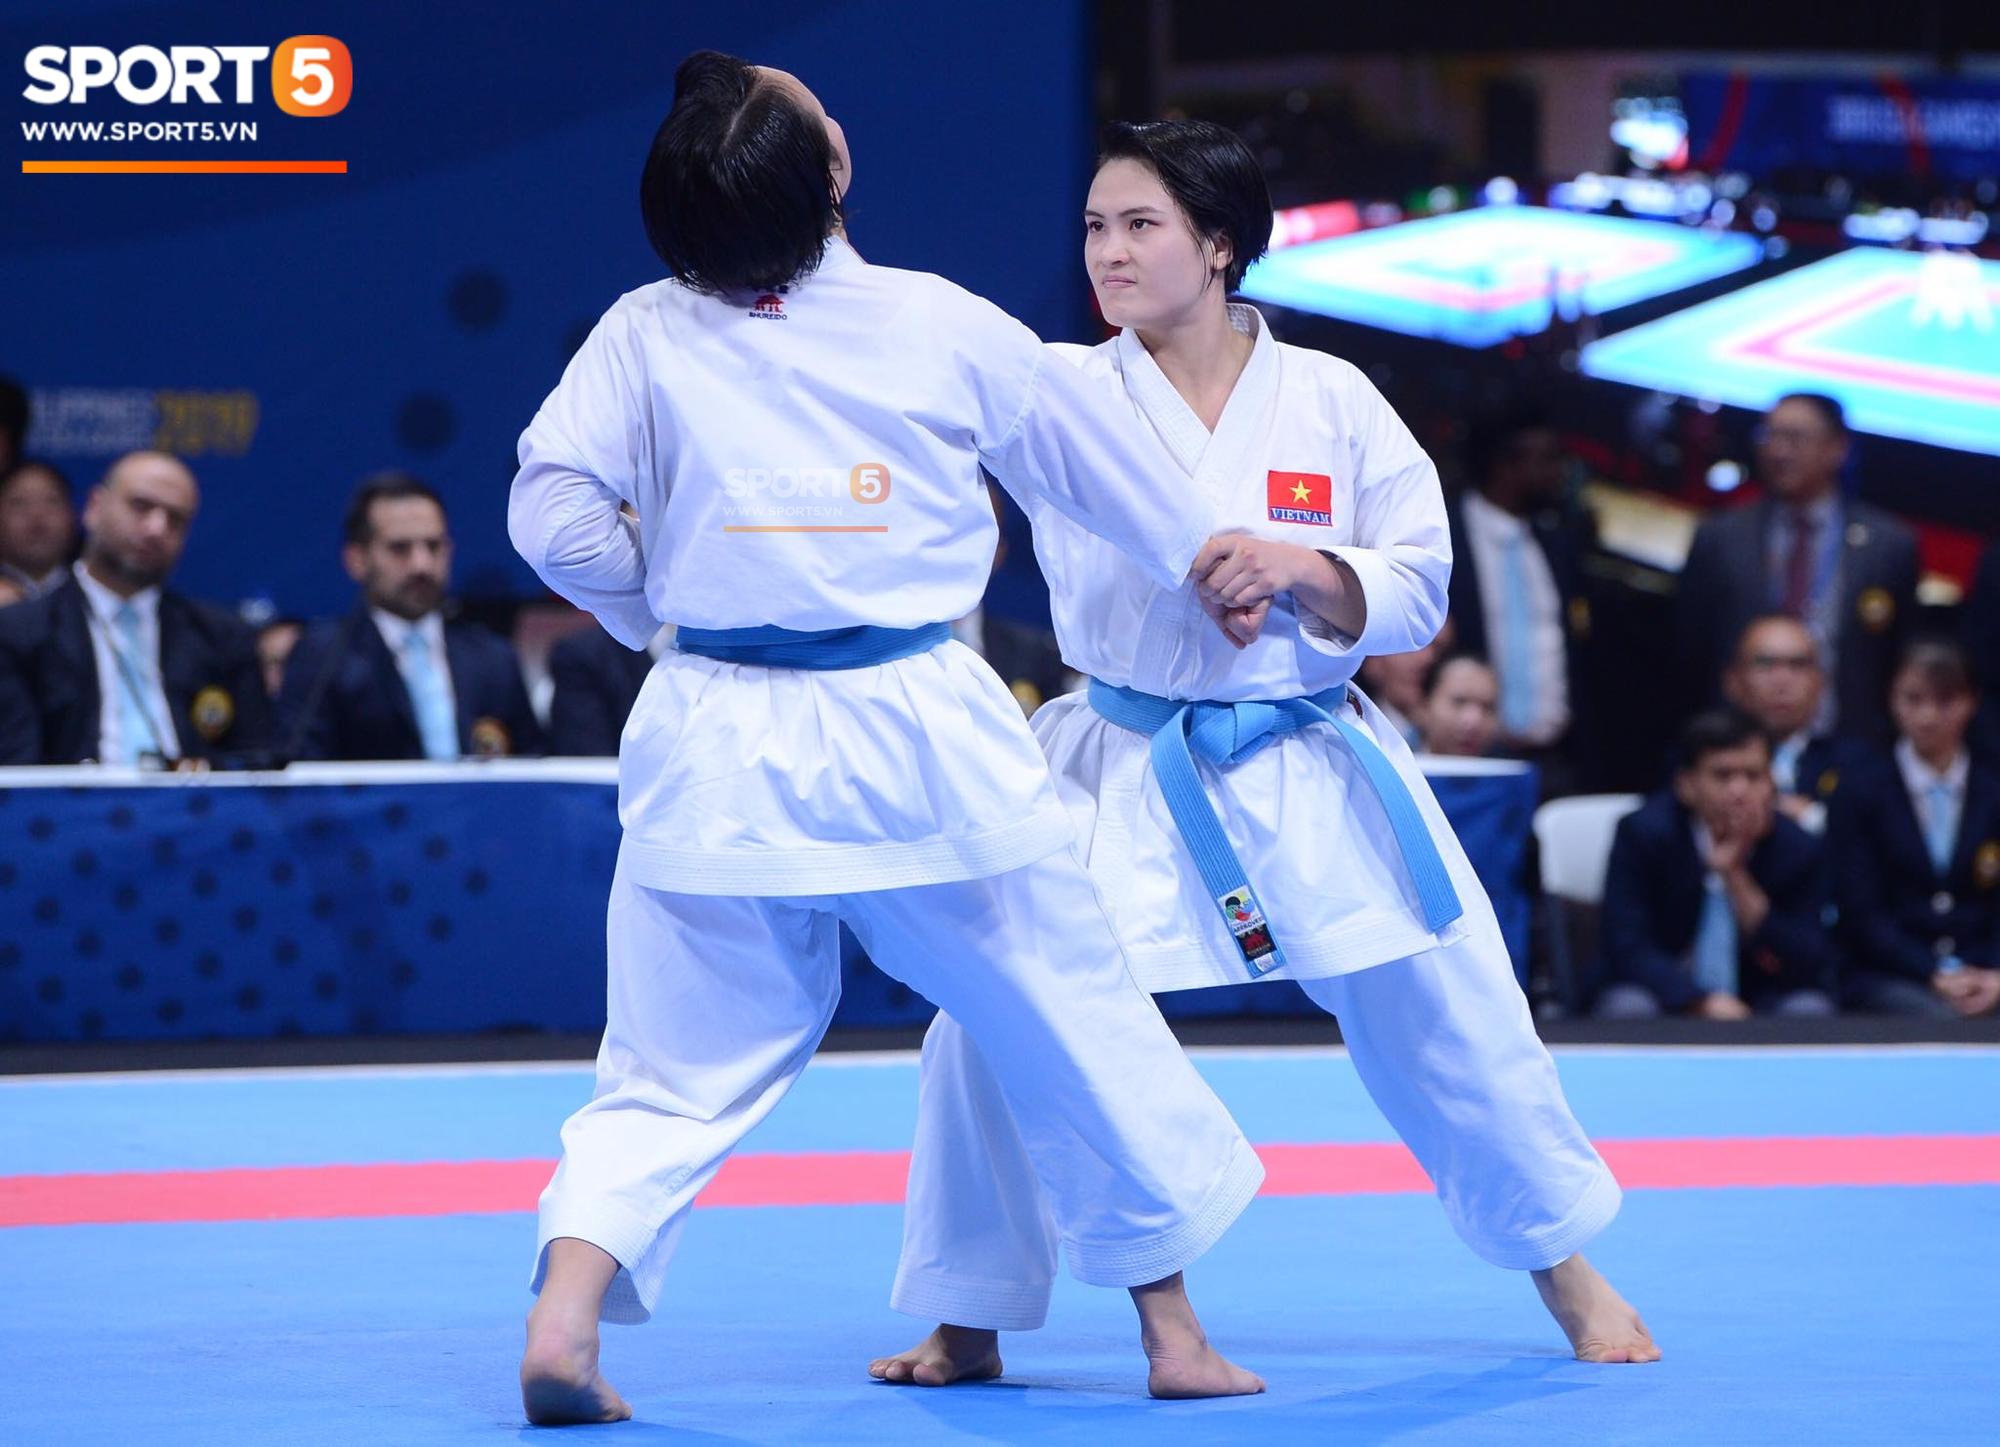 SEA Games ngày 8/12: Nữ hoàng điền kinh Tú Chinh vượt 2 VĐV nhập tịch trong tích tắc, xuất sắc giành HCV chung cuộc - Ảnh 42.